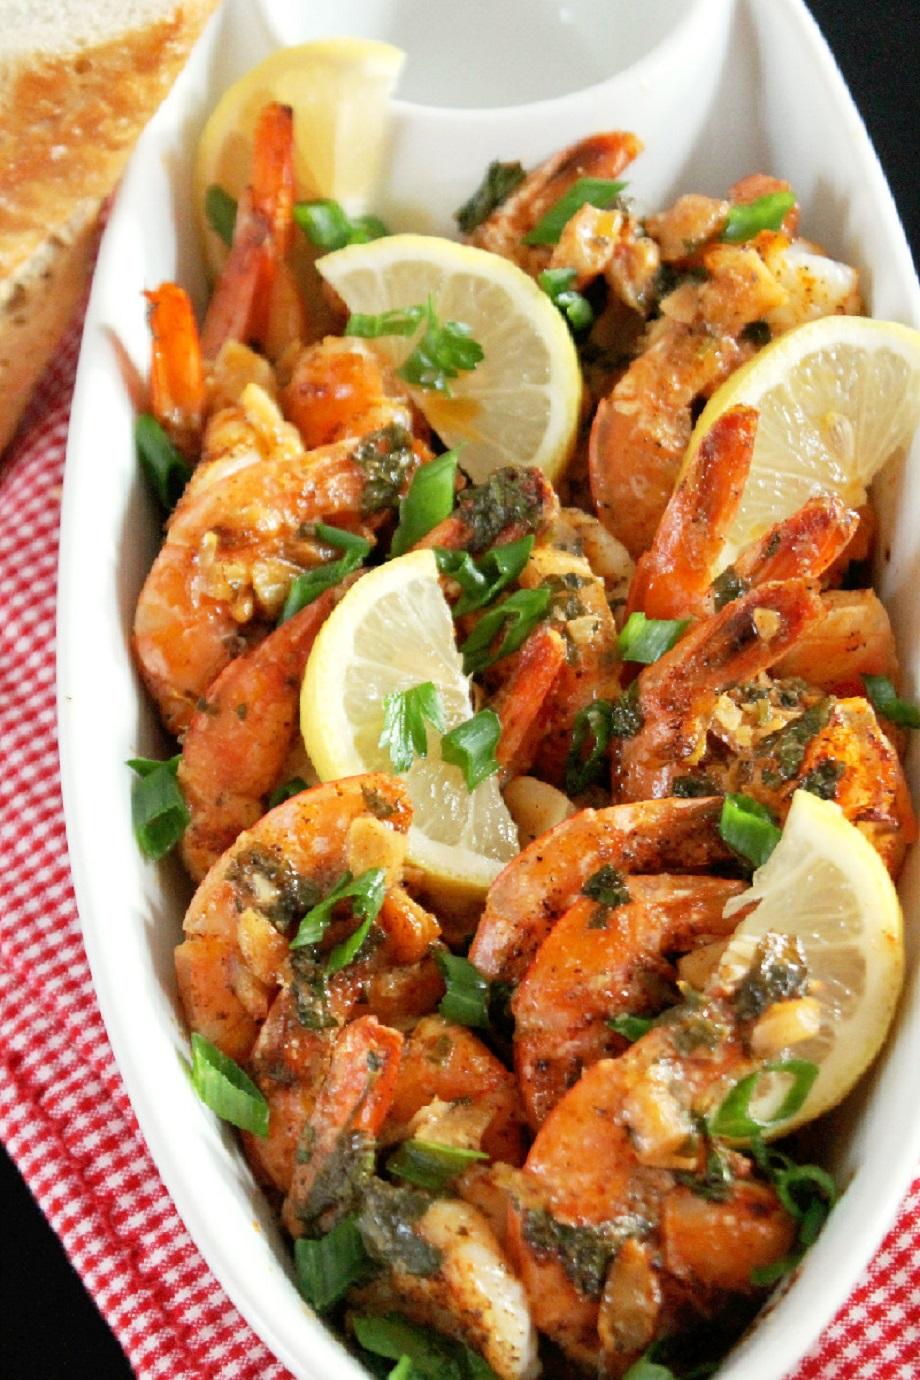 Paprika Shrimp with Roasted Garlic